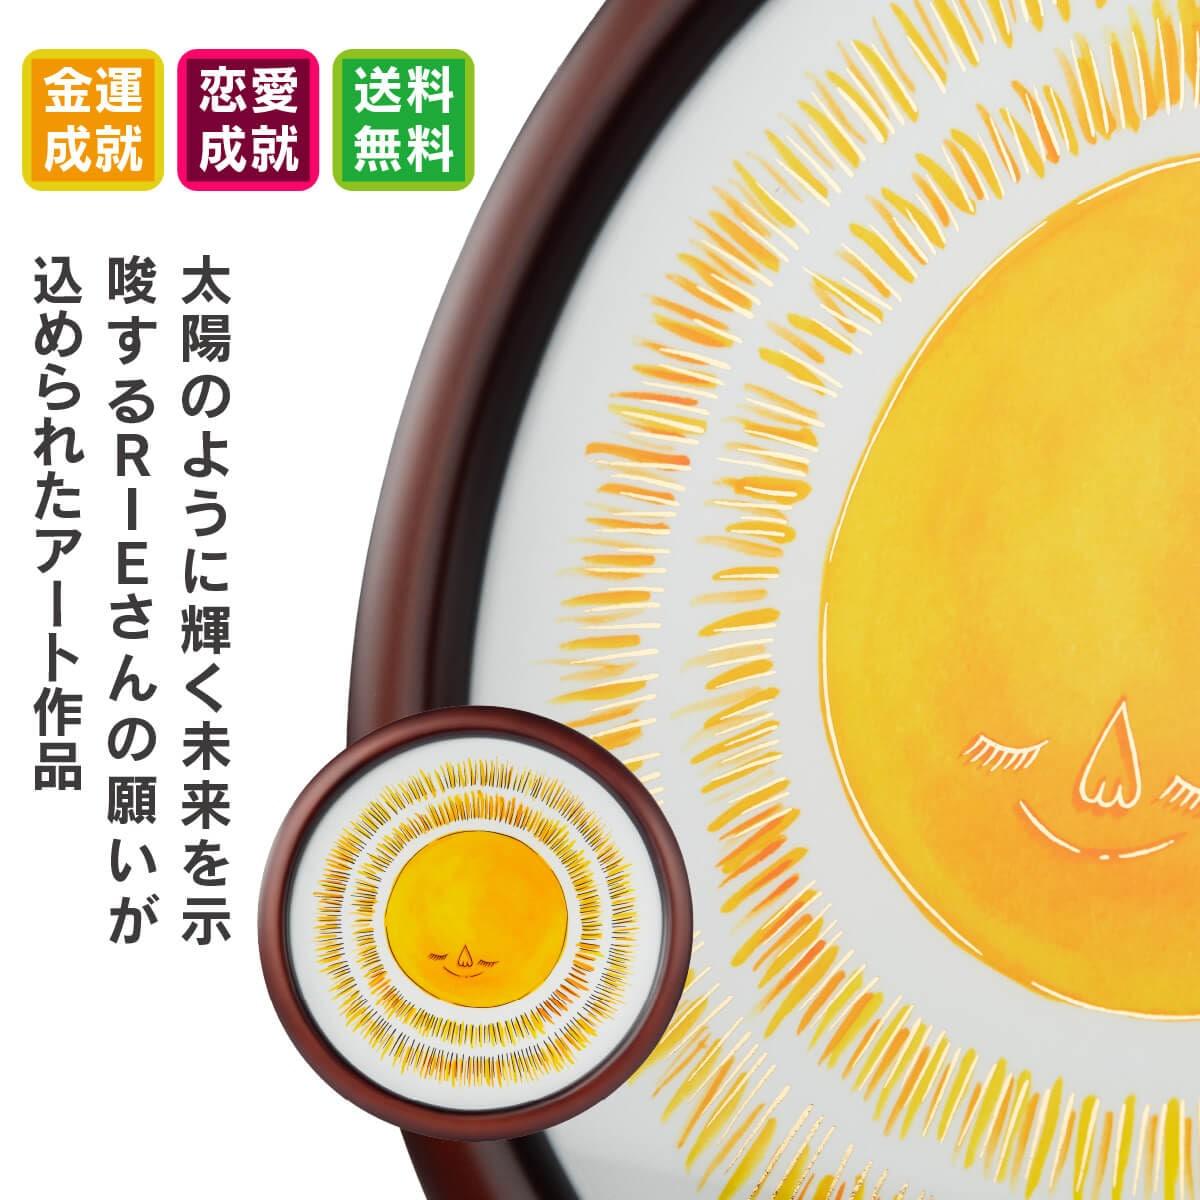 RIEの『きれいになる絵』 開運グッズ